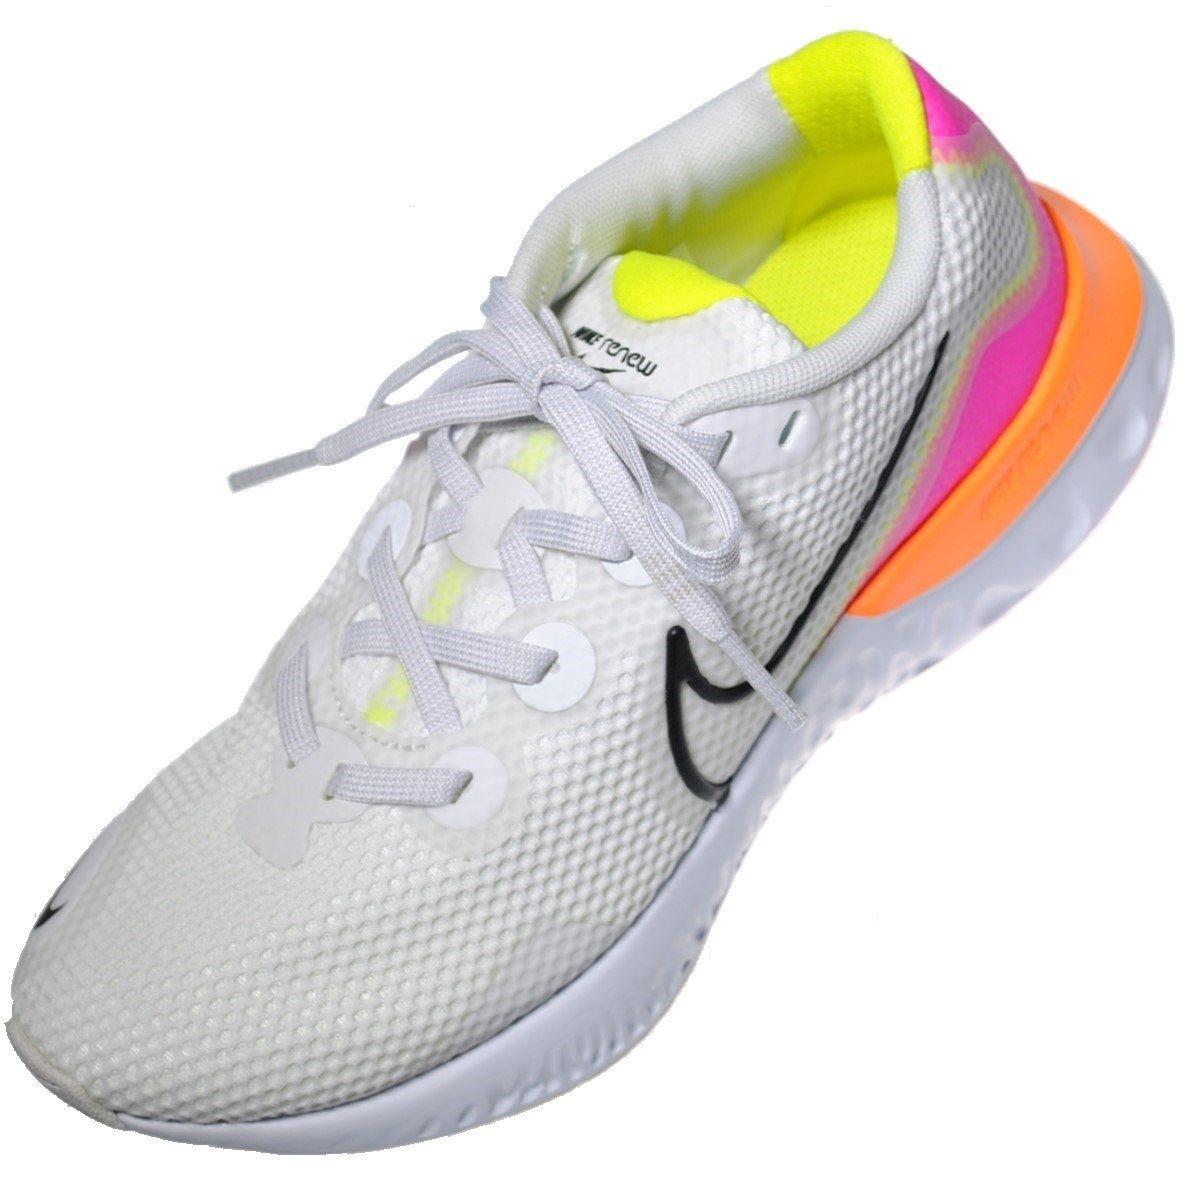 ナイキ レースアップシューズ 公式ショップ スニーカー ランニング 靴のHOSHIKAWA NIKE レースアップ運動靴 CK6360 メッシュ ホワイト23cm~25.5cm 注文後の変更キャンセル返品 レディーススニーカー